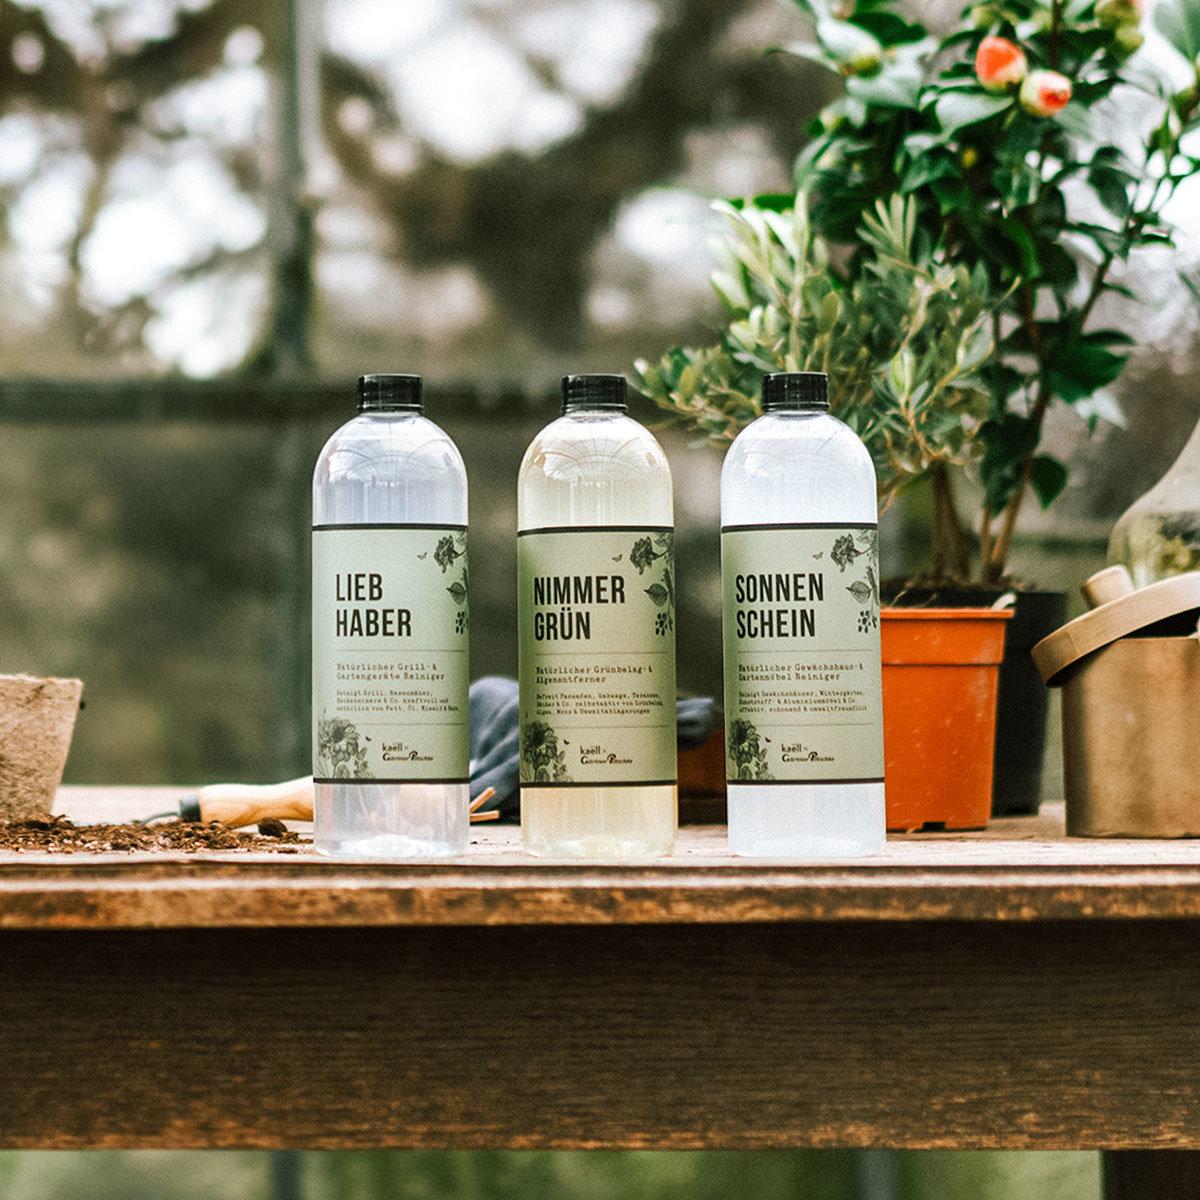 Natürliches Gewächshaus- und Gartenmöbelreiniger-Fertiggemisch Sonnenschein, 750 ml   #6